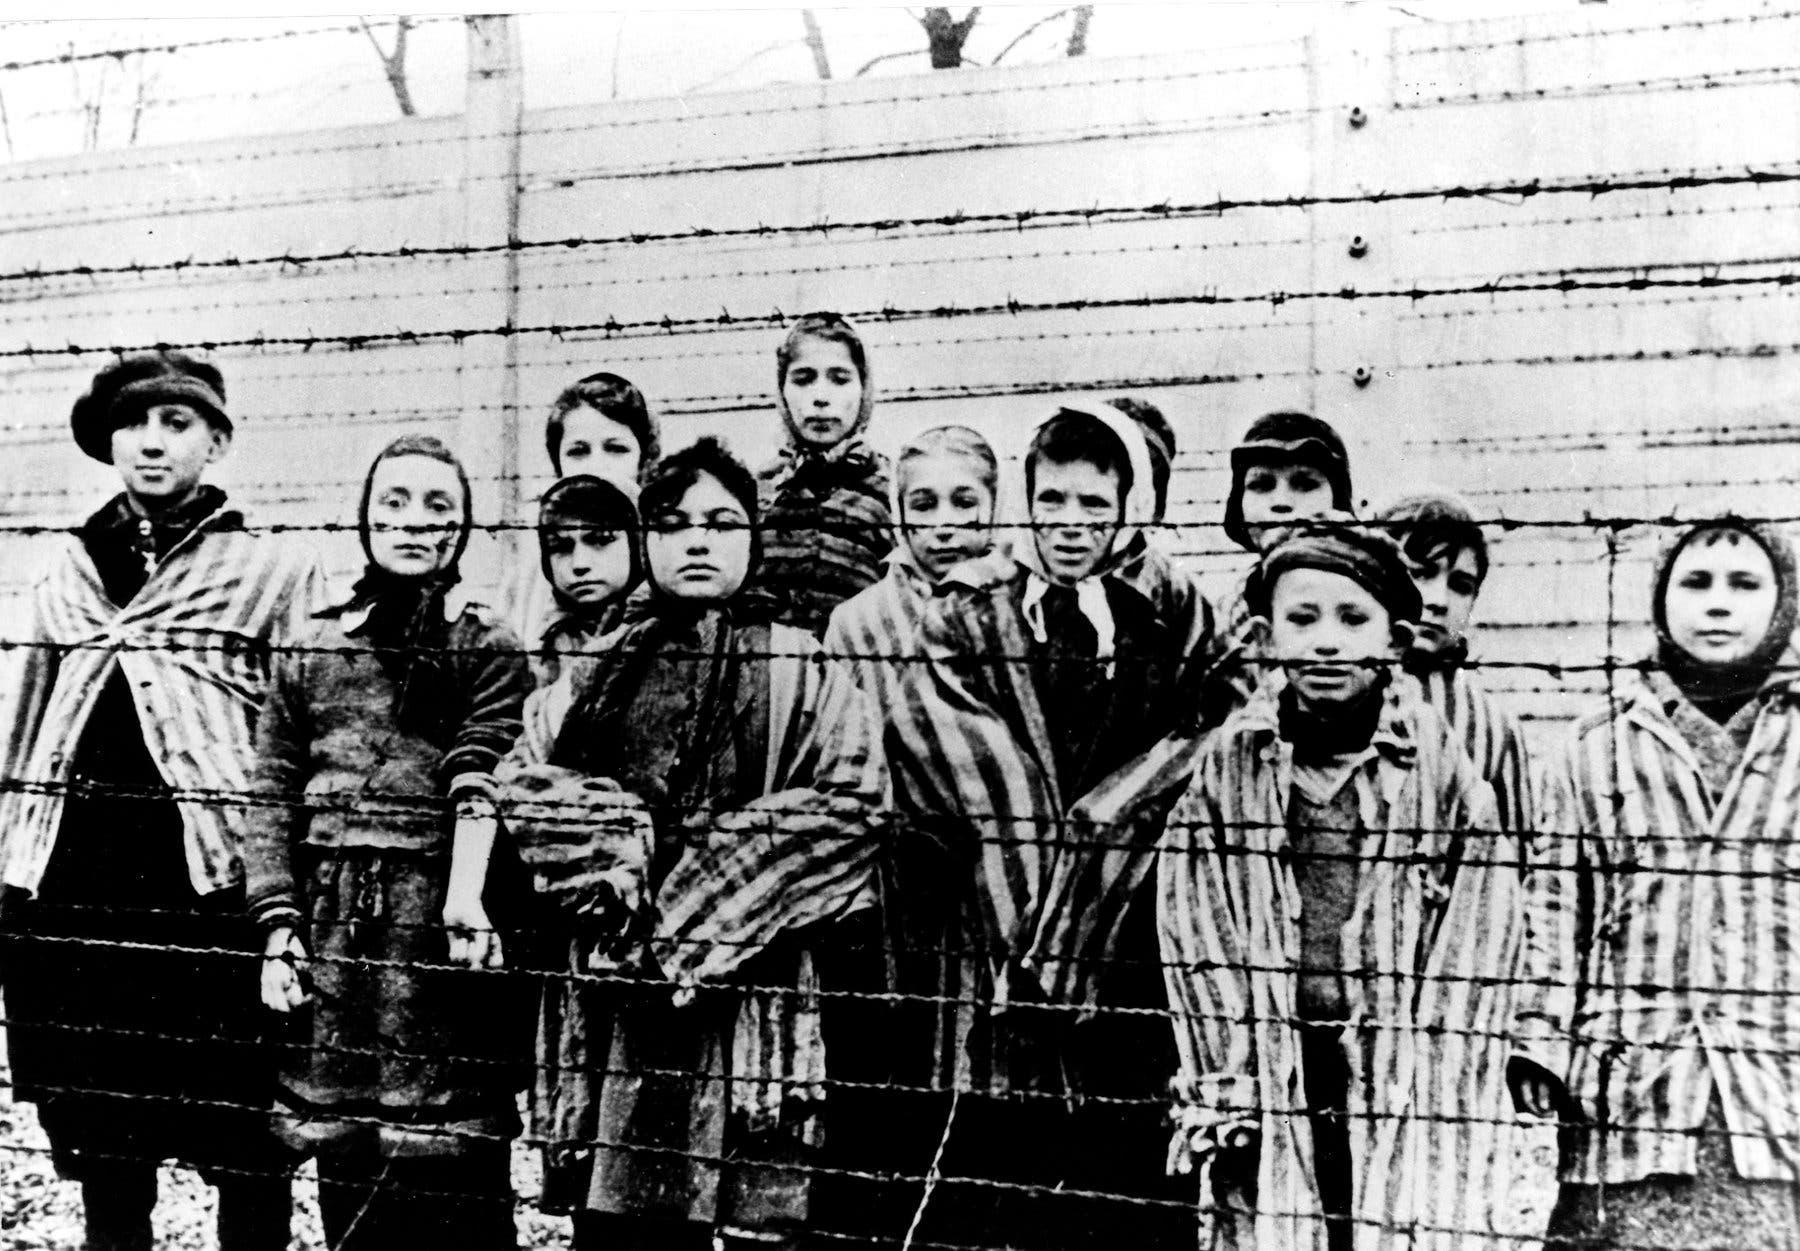 صورة لأطفال معتقلين بمعسكر أوشفيتز